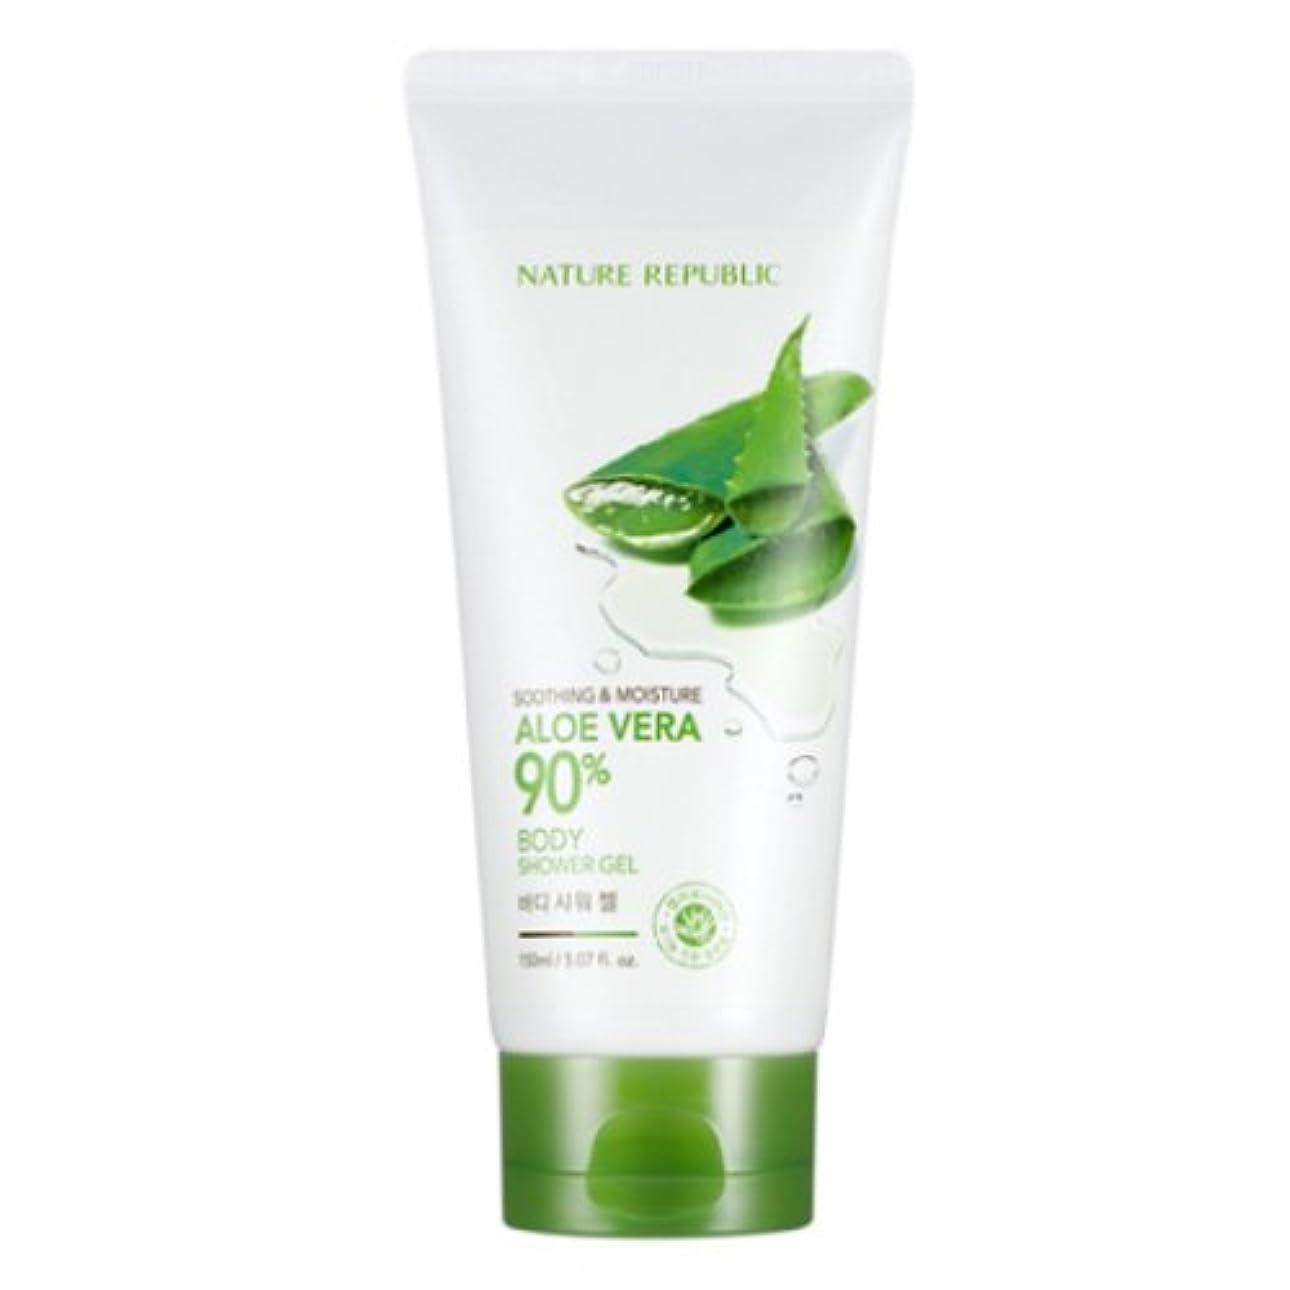 止まるインサート心から[ネイチャーリパブリック] Nature republicスージングアンドモイスチャーアロエベラ90%ボディシャワージェル海外直送品(Soothing And Moisture Aloe Vera90%Body Shower Gel) [並行輸入品]